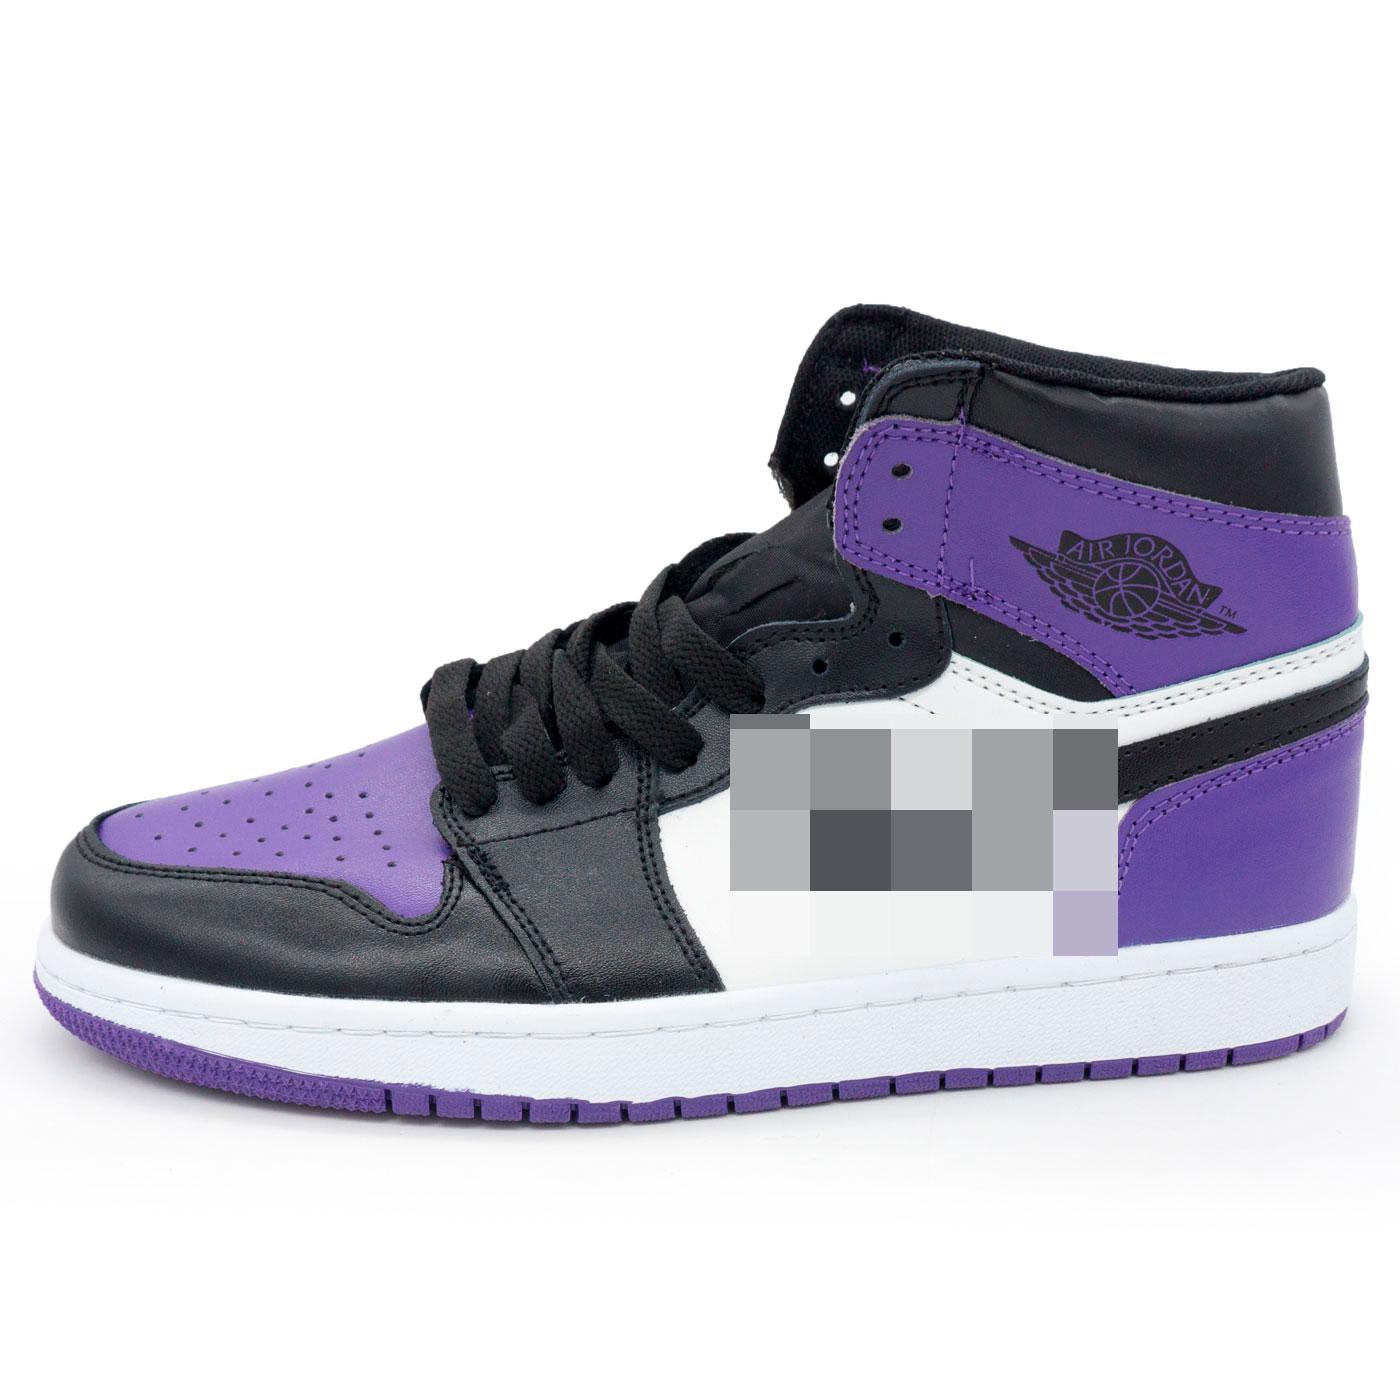 фото main Высокие черные c фиолетовым кроссовки Nke Air Jordan 1 . Топ качество! main